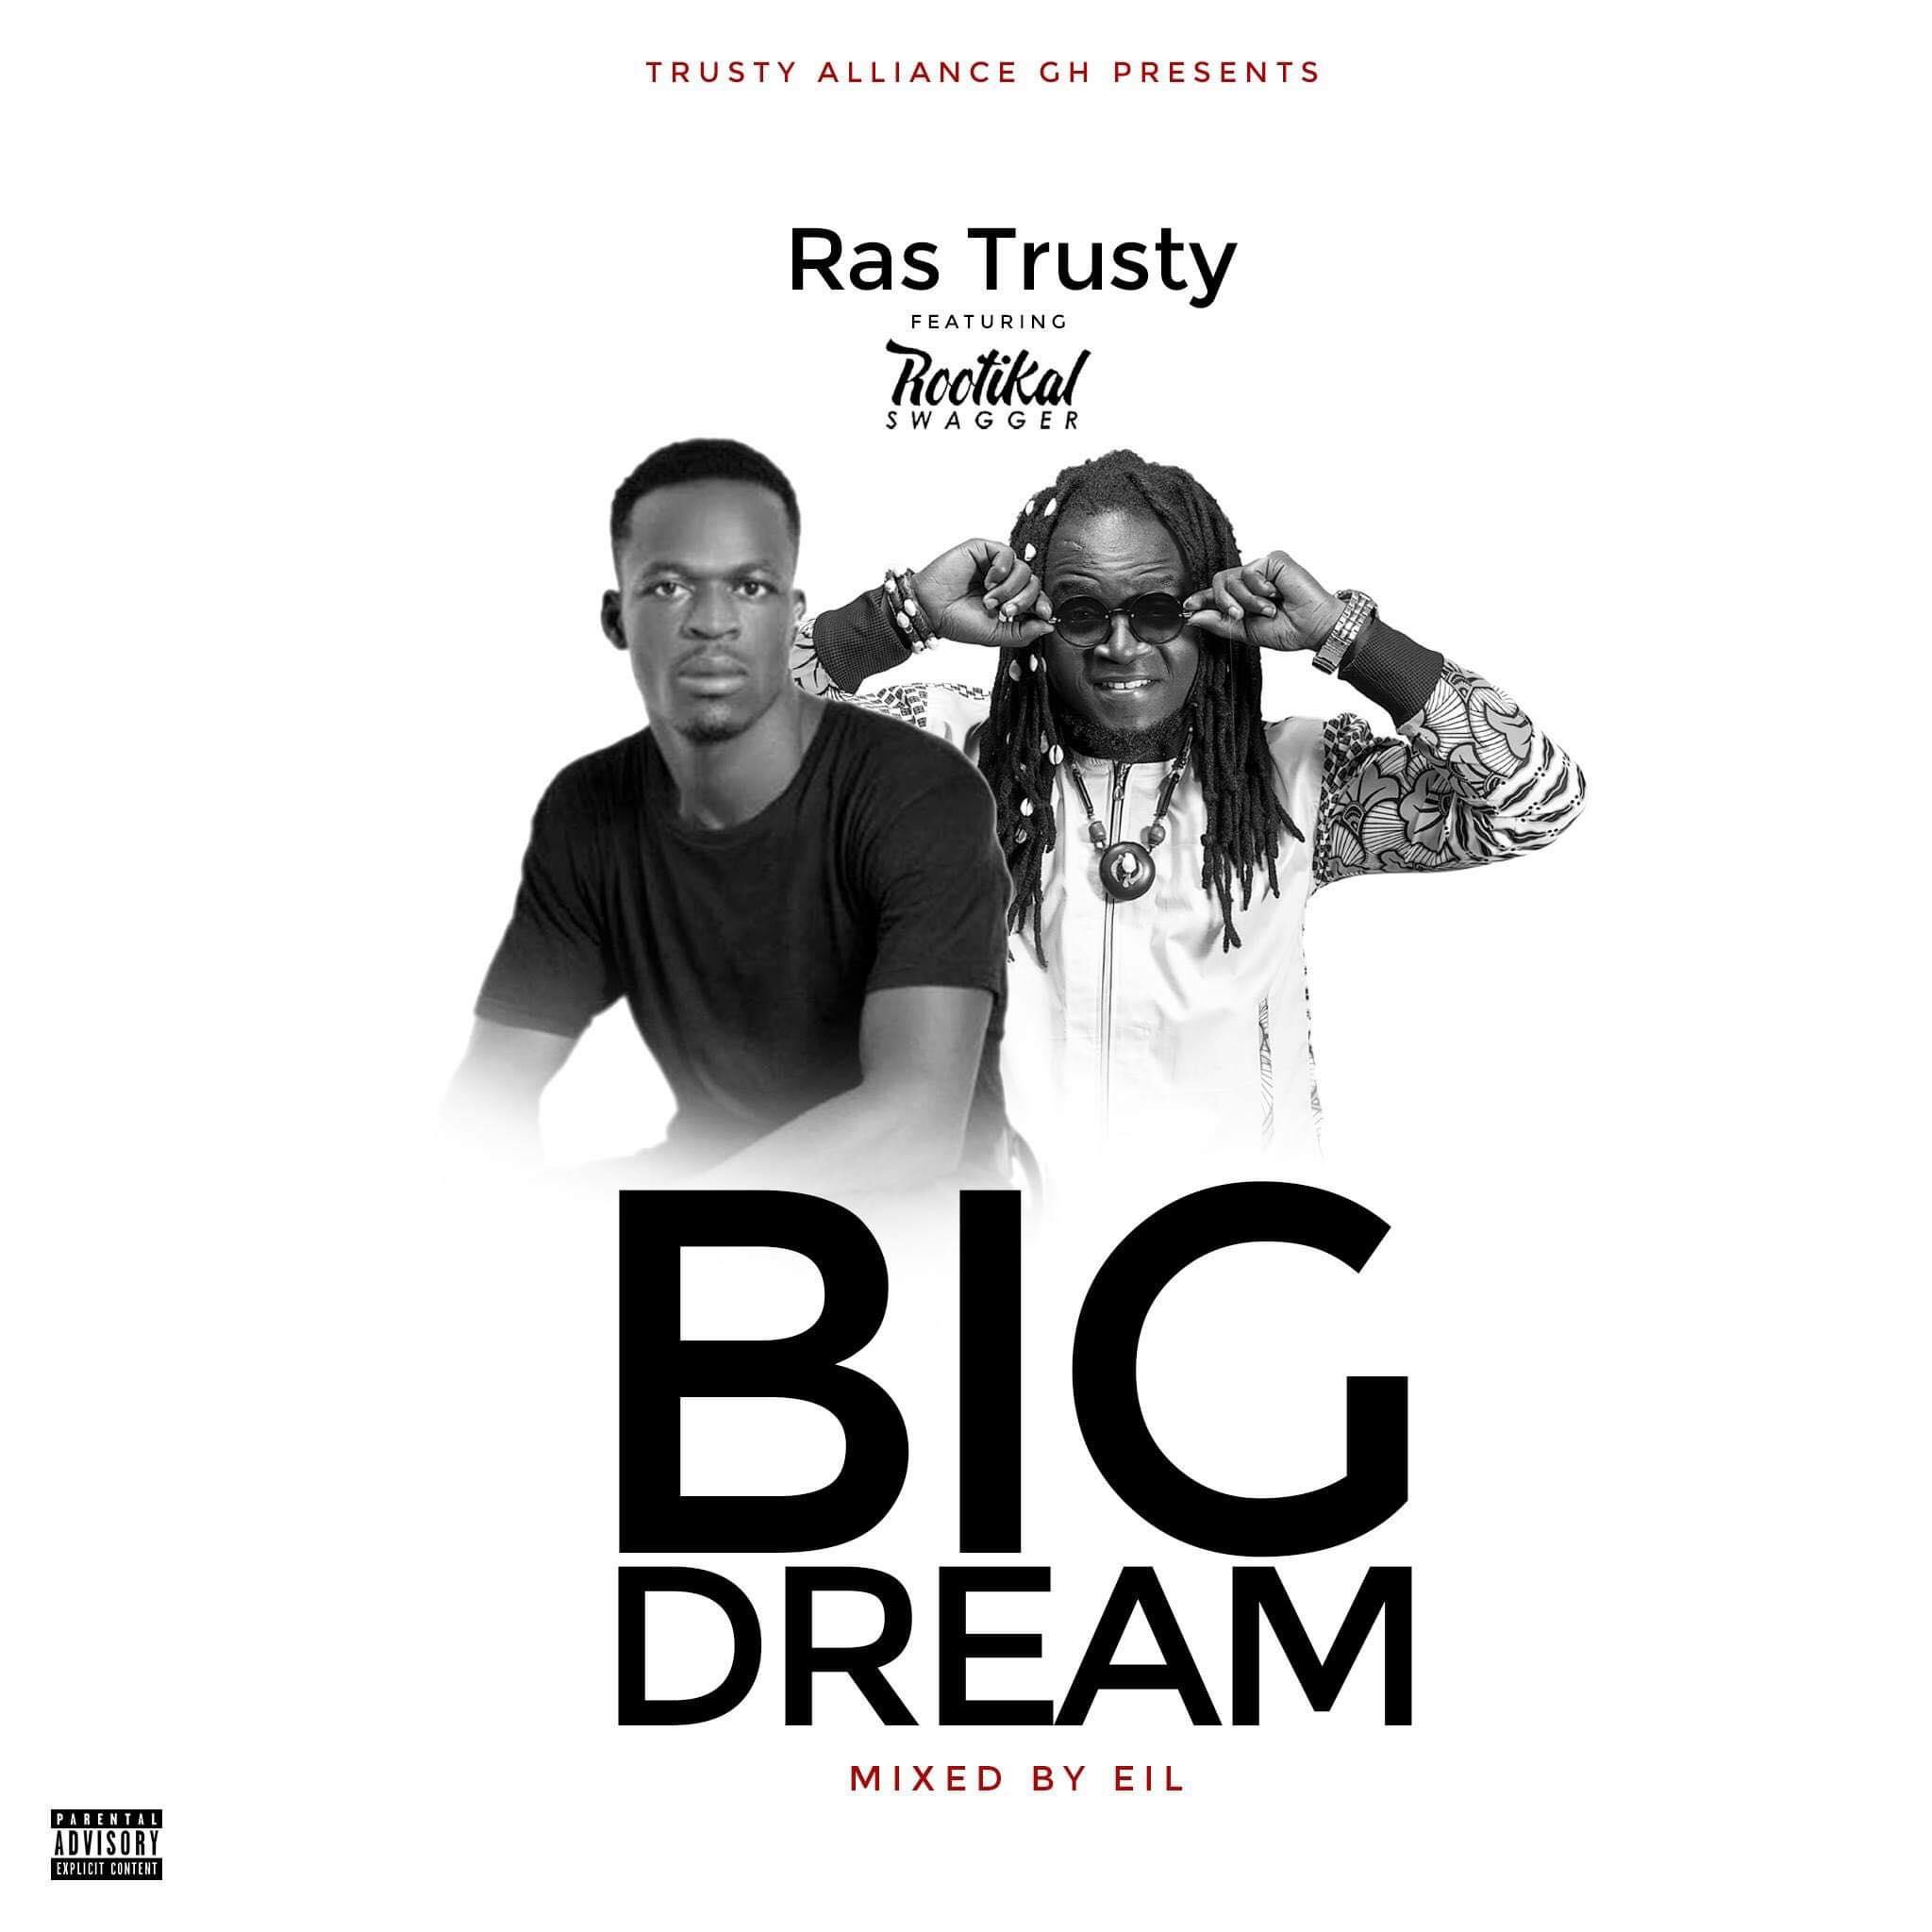 Big Dream art cover